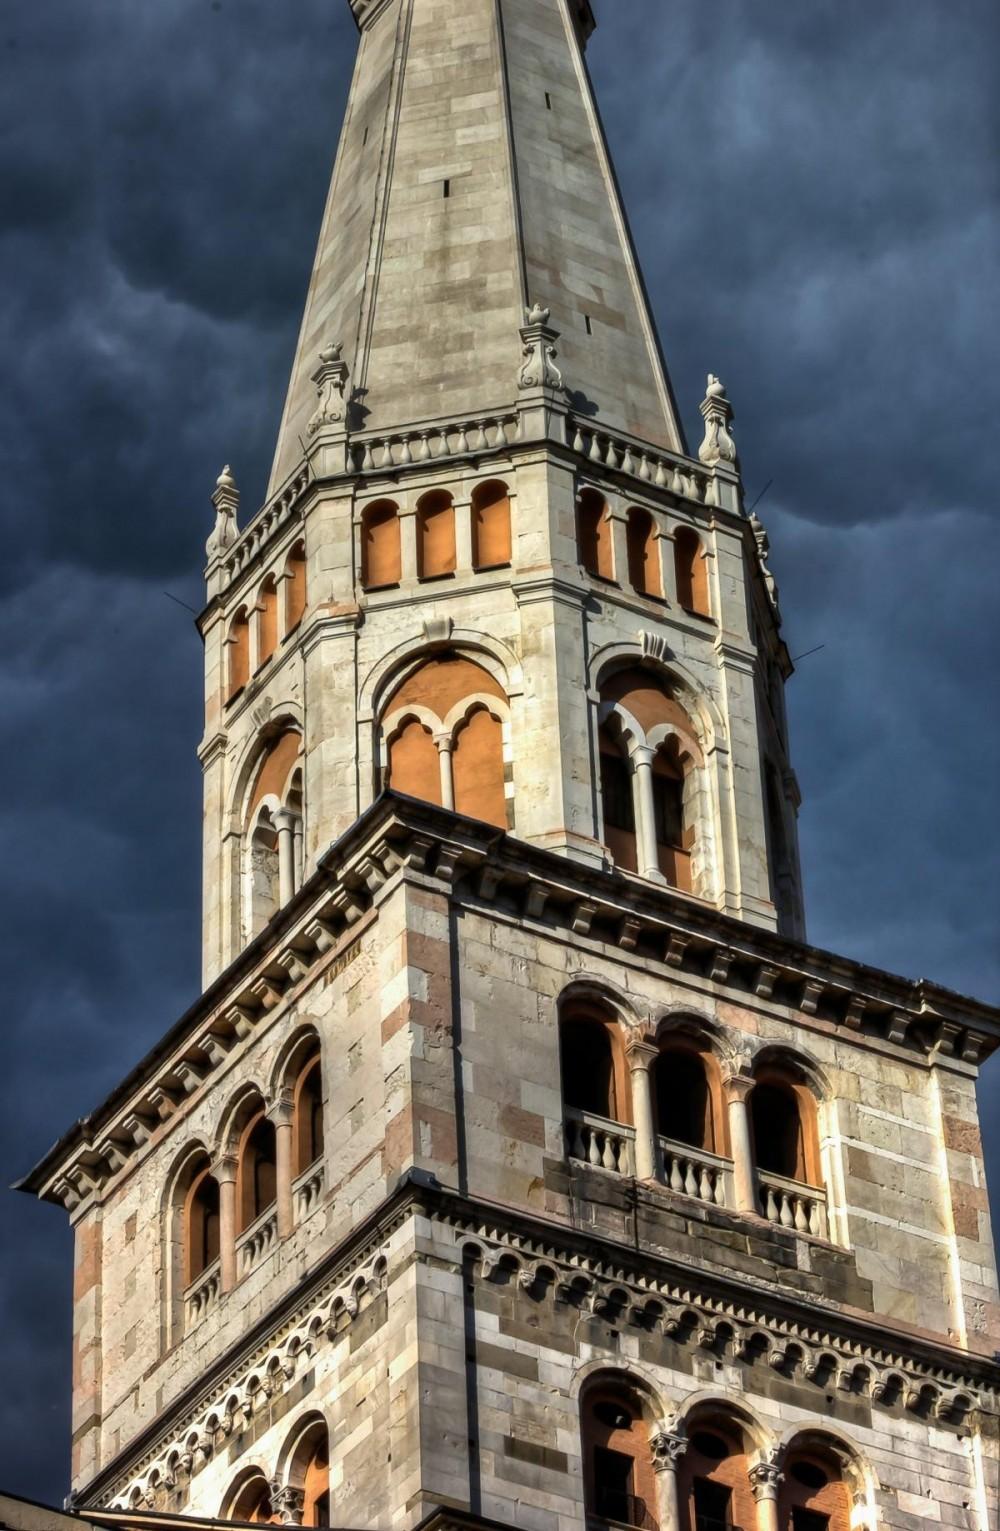 Modena Ghirlandina Tower